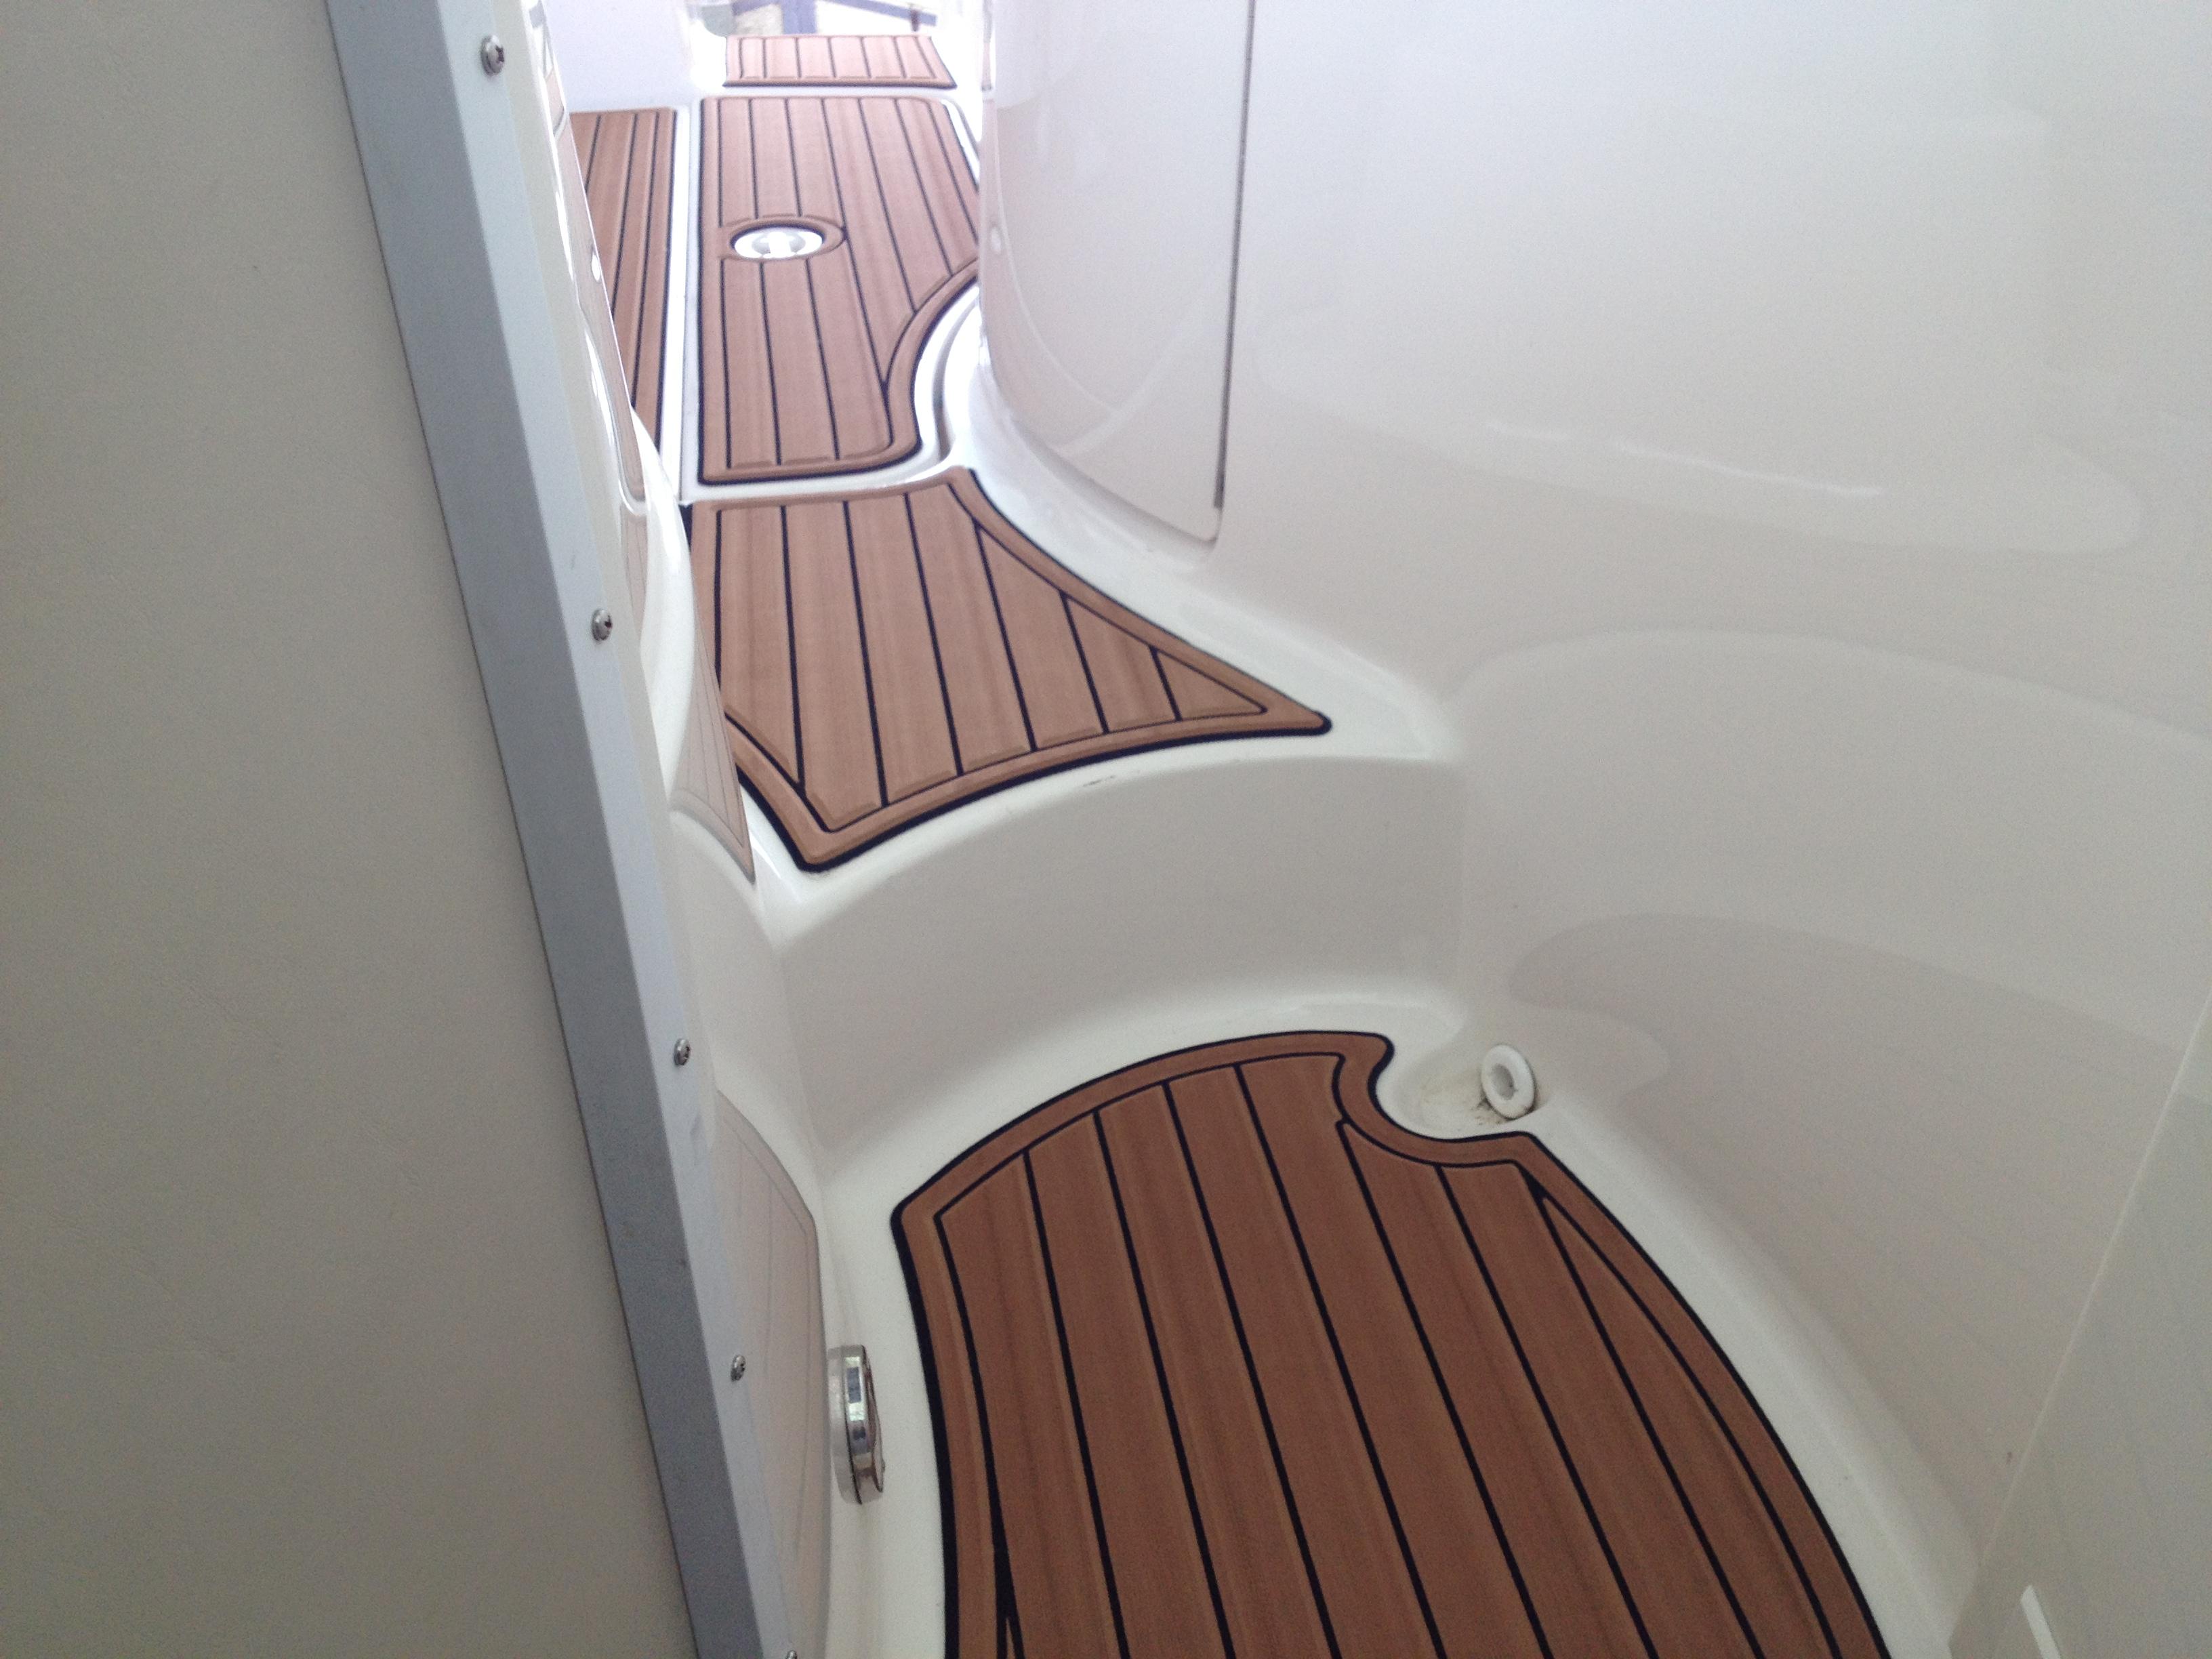 2002 Chaparral 250 SeaDek Faux Teak Decking Flooring